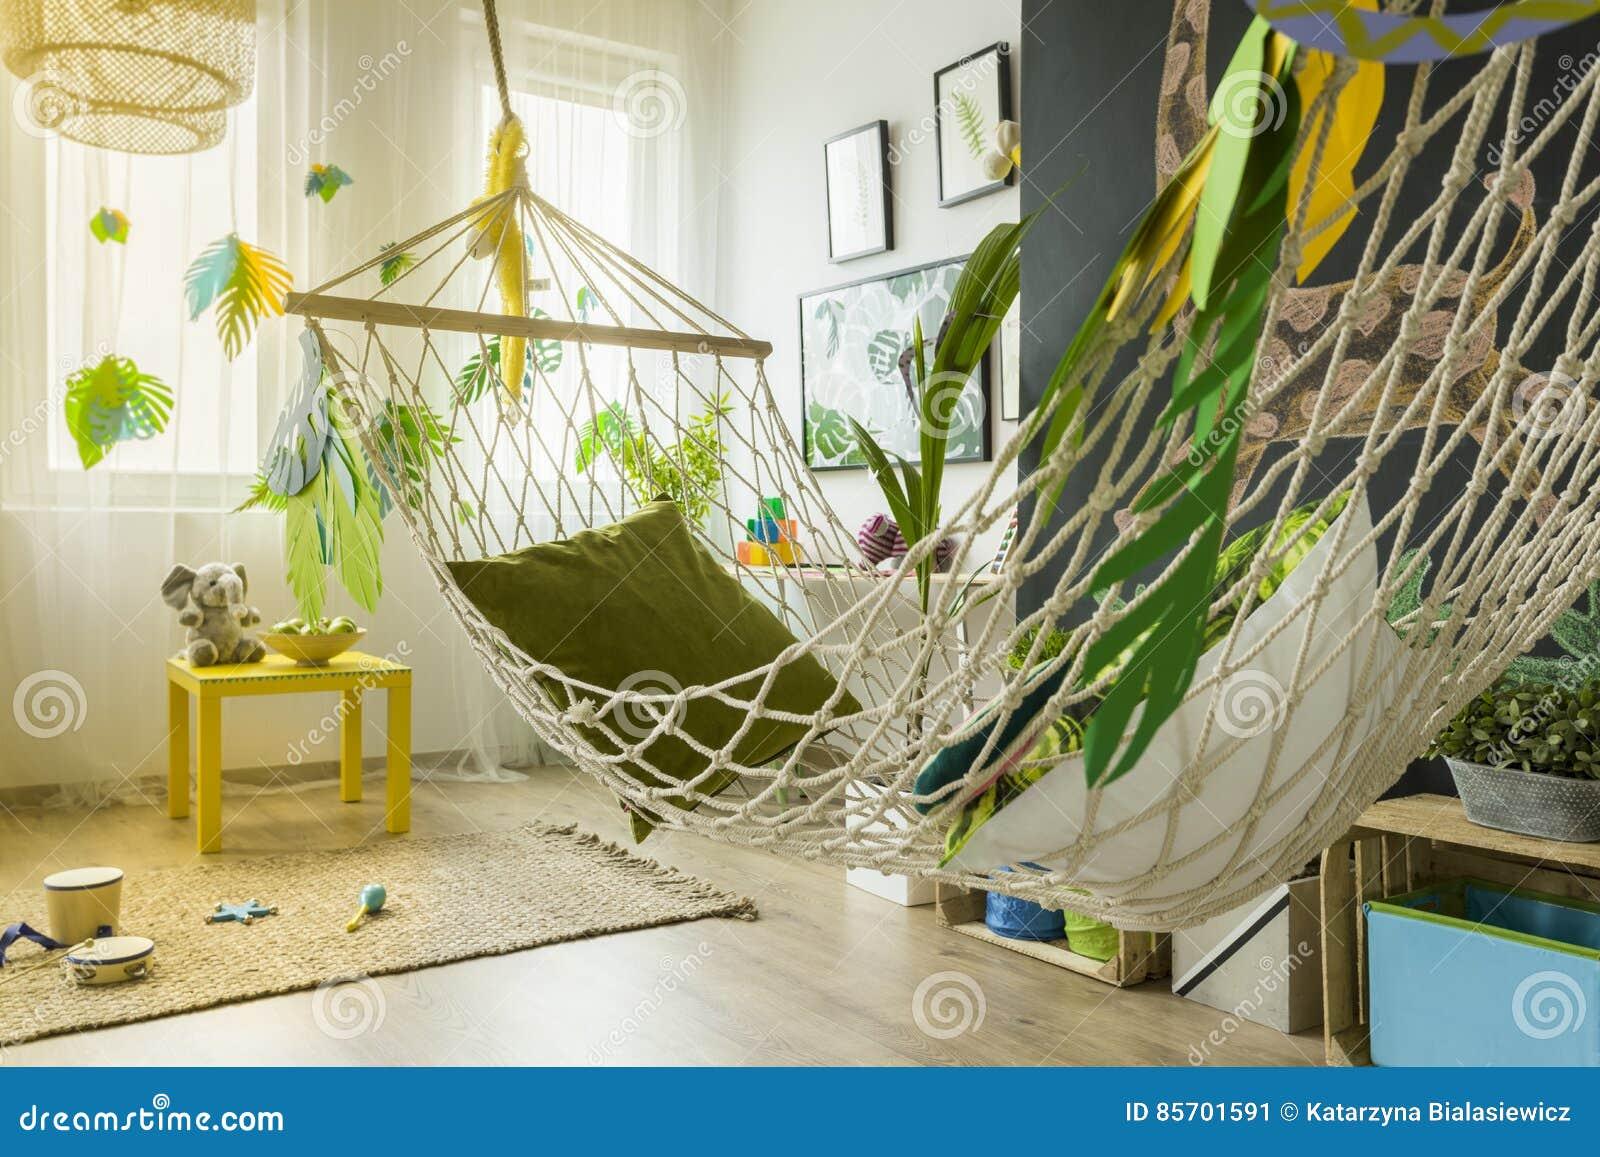 Chambre d 39 enfant avec l 39 hamac image stock image du Hamac chambre